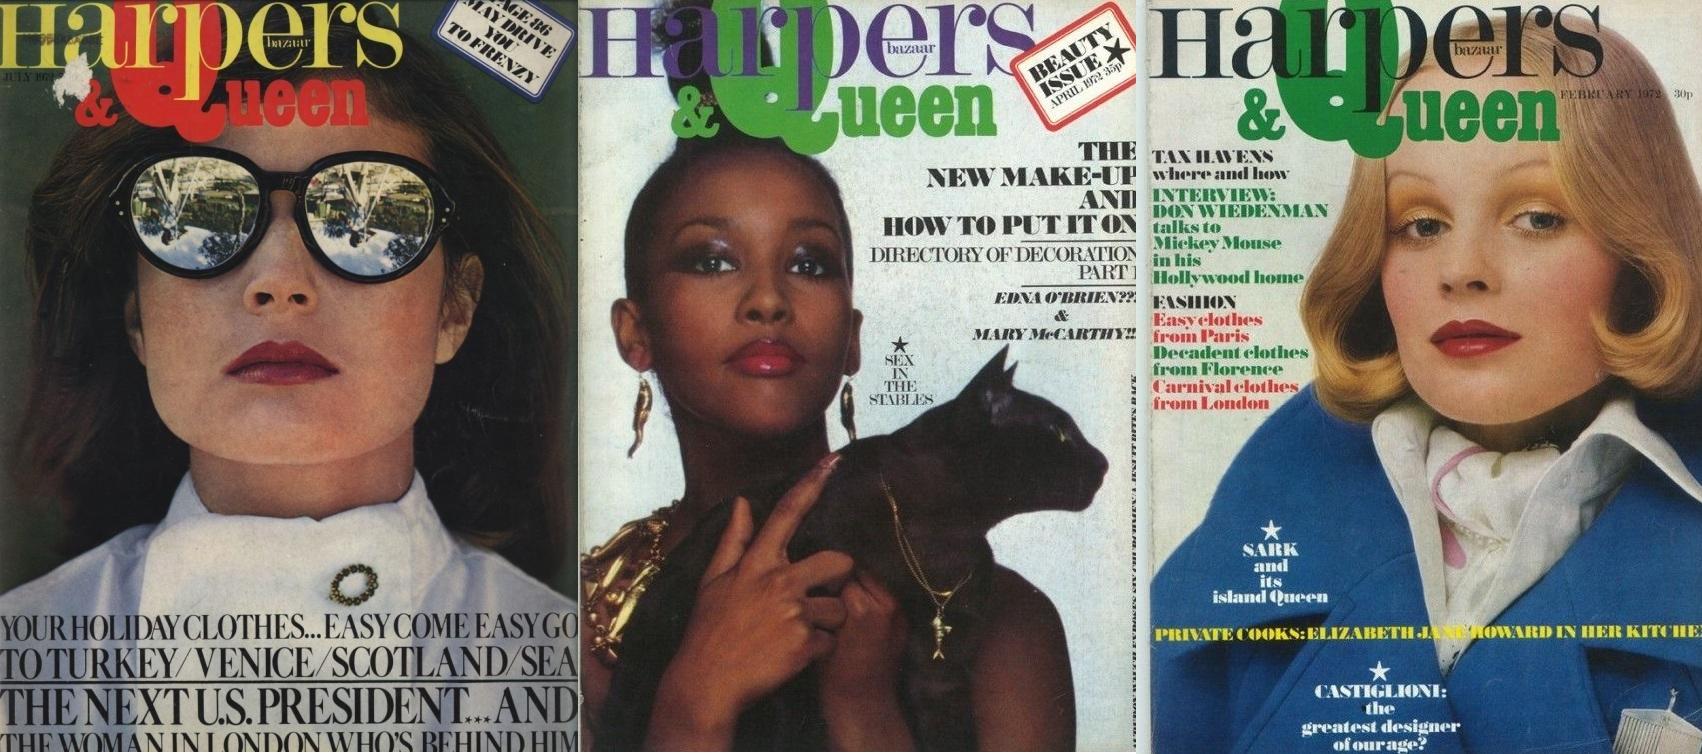 Harpers & Queen 72